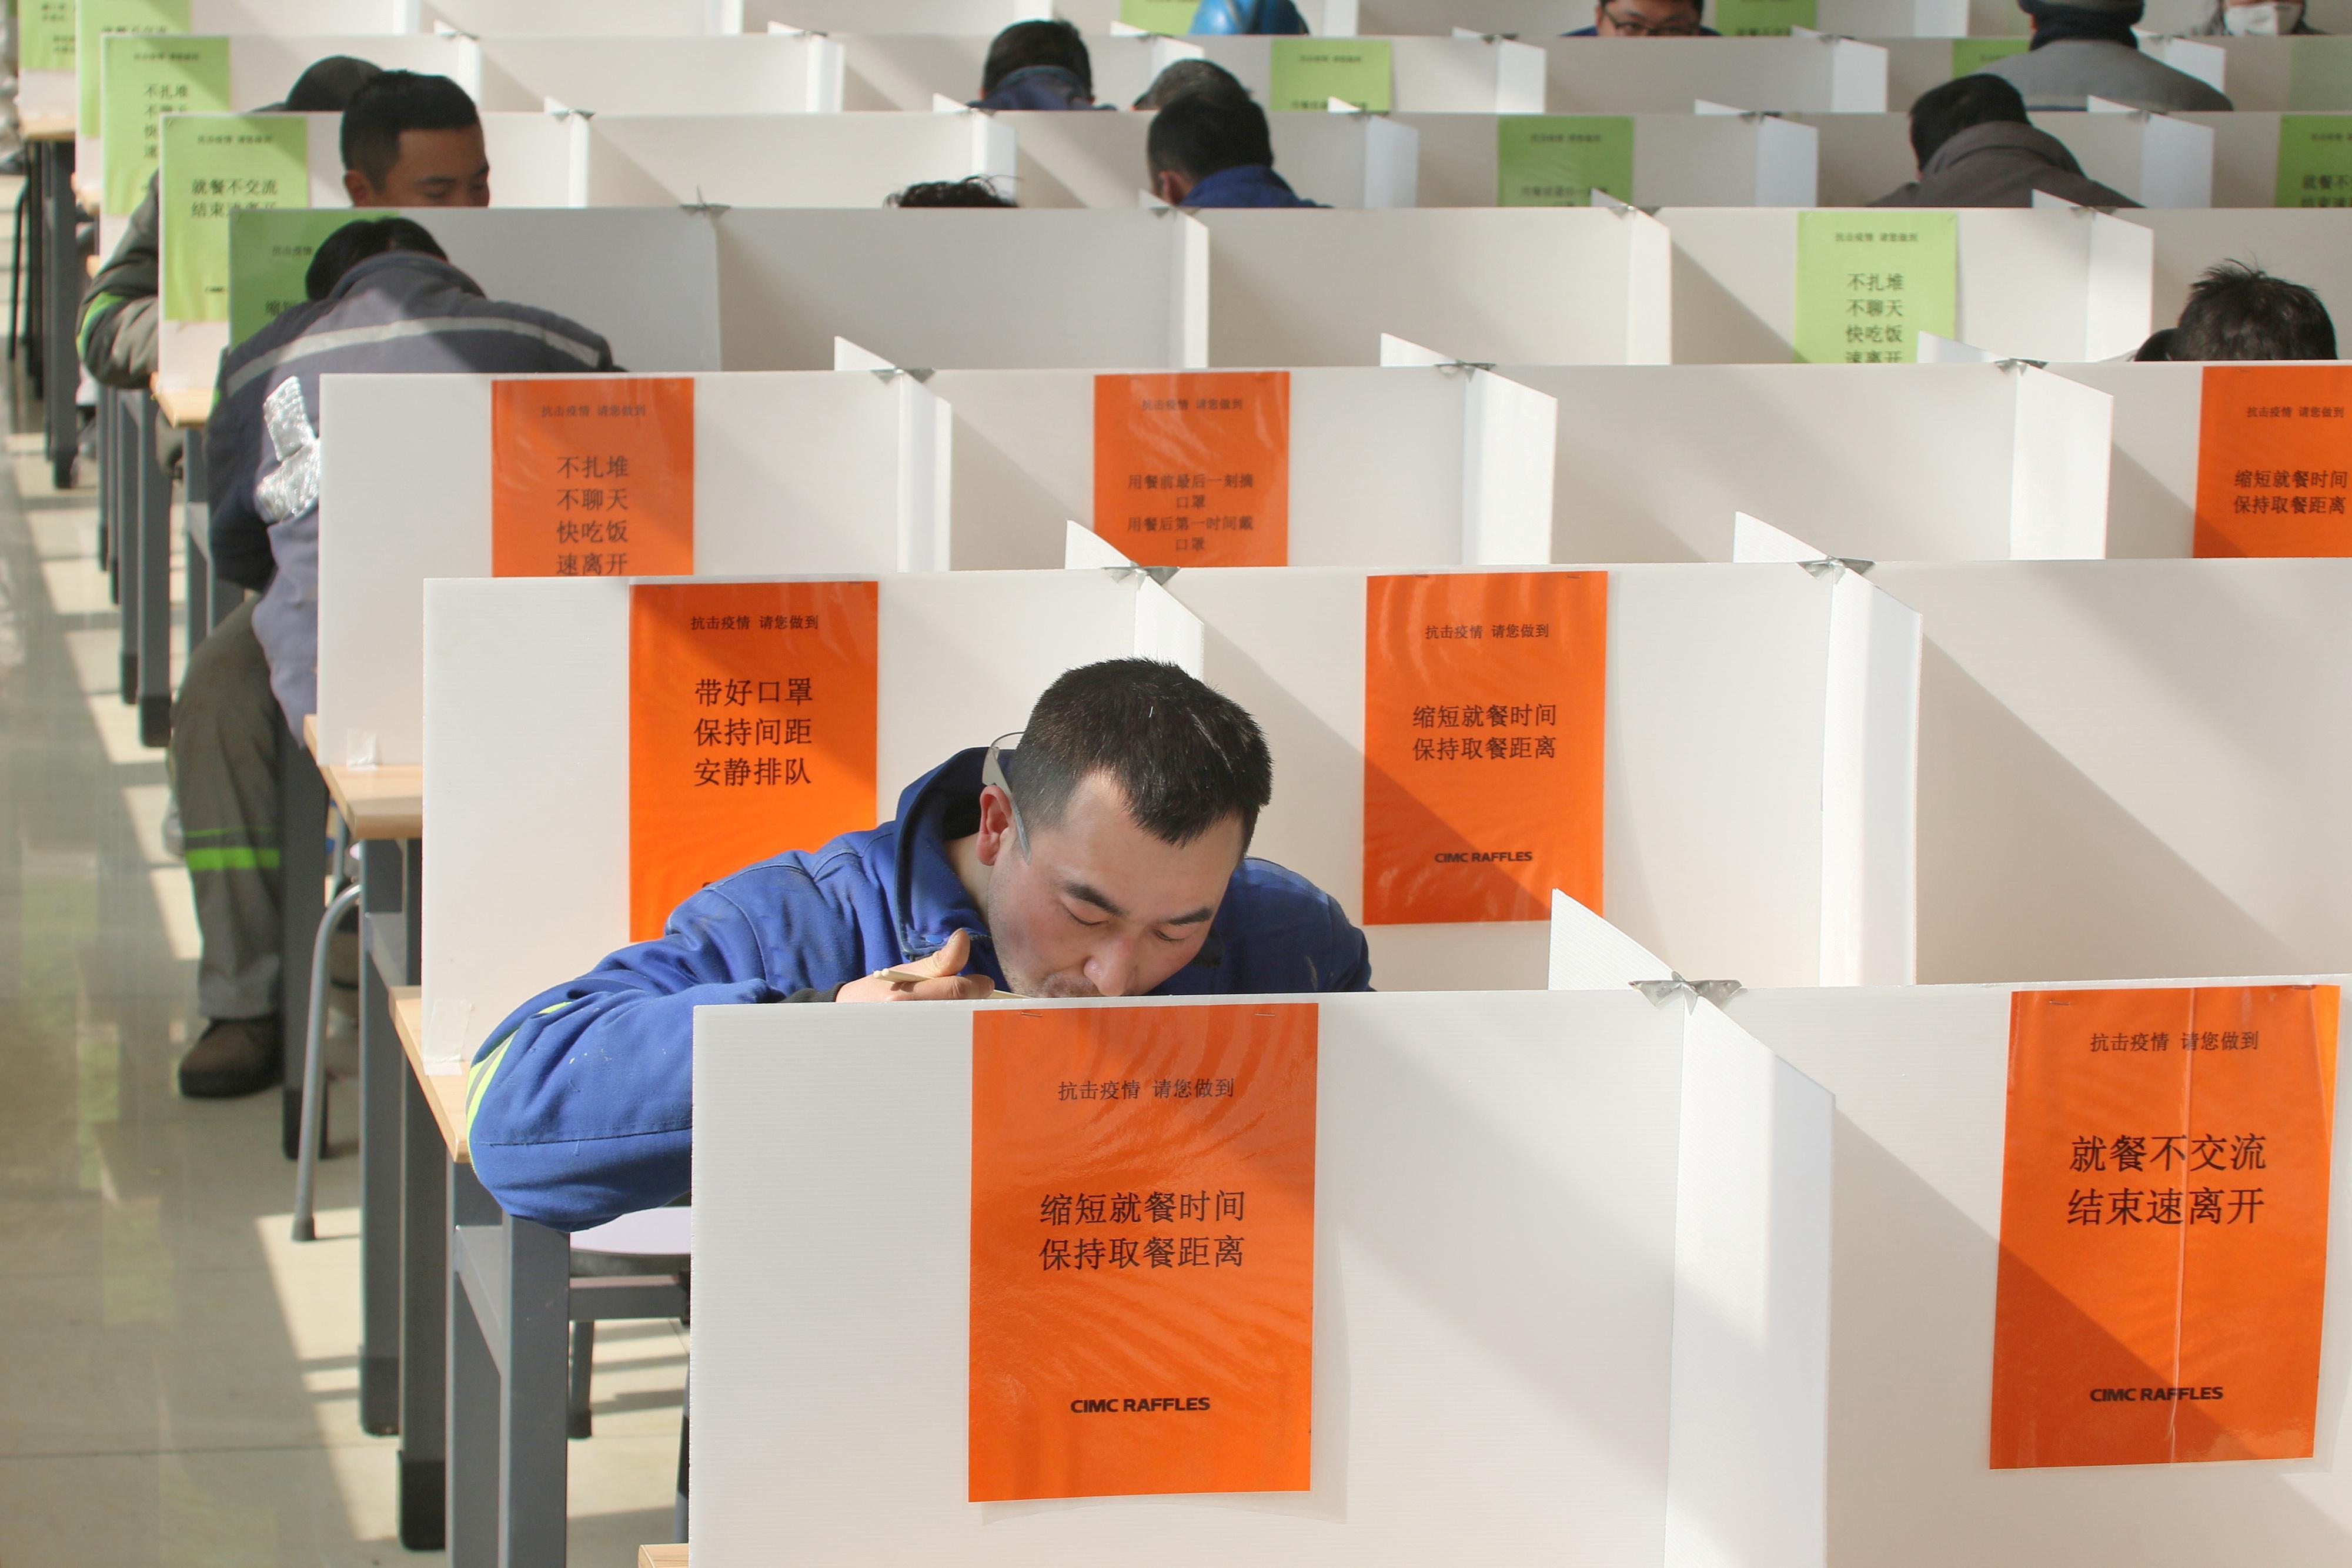 Déjeuners et masques en solo: les Chinois retournent au travail aux prises avec le coronavirus